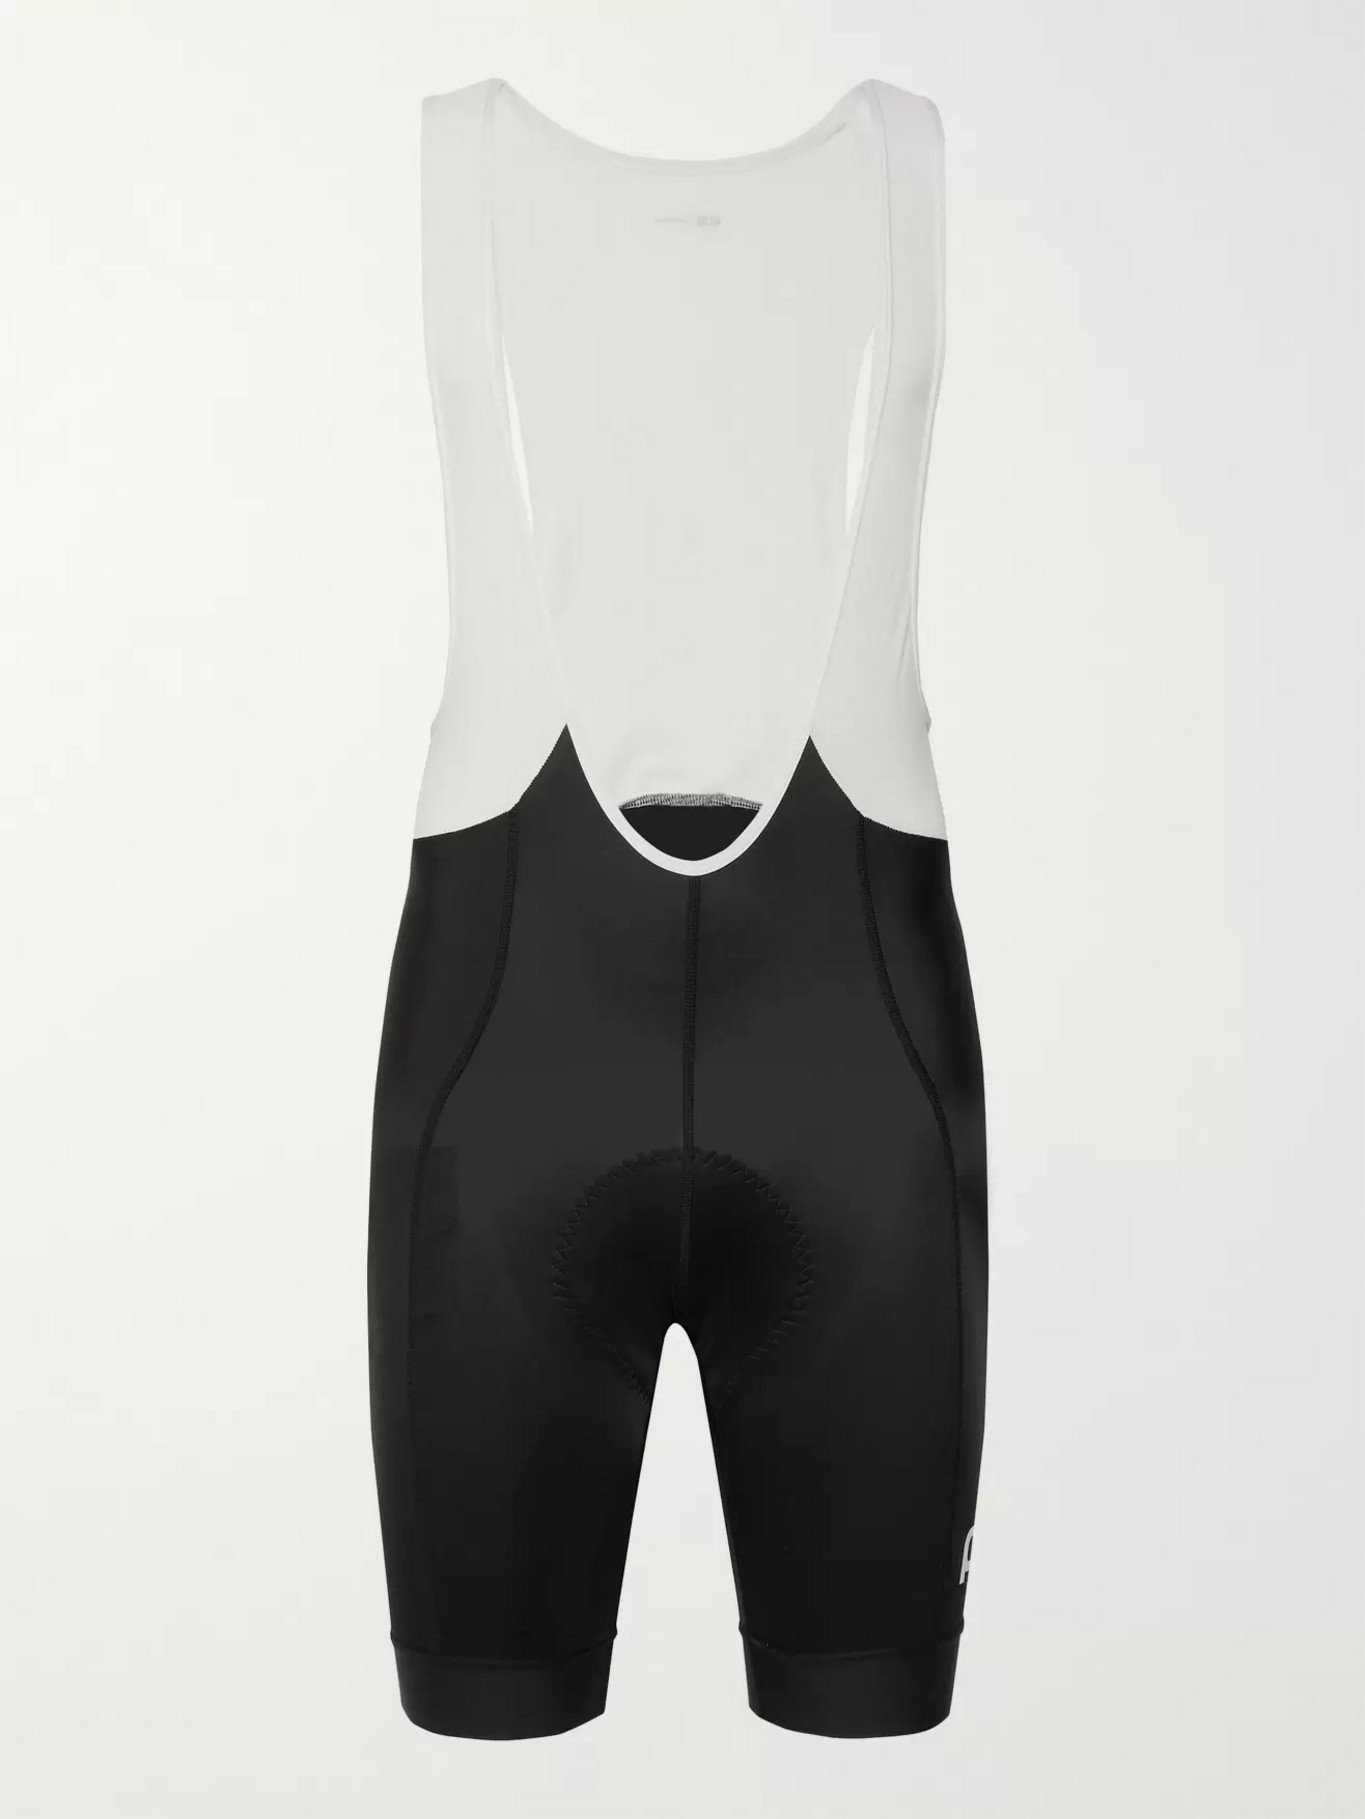 Photo: POC - Essential Road VPDs Cycling Bib Shorts - Black